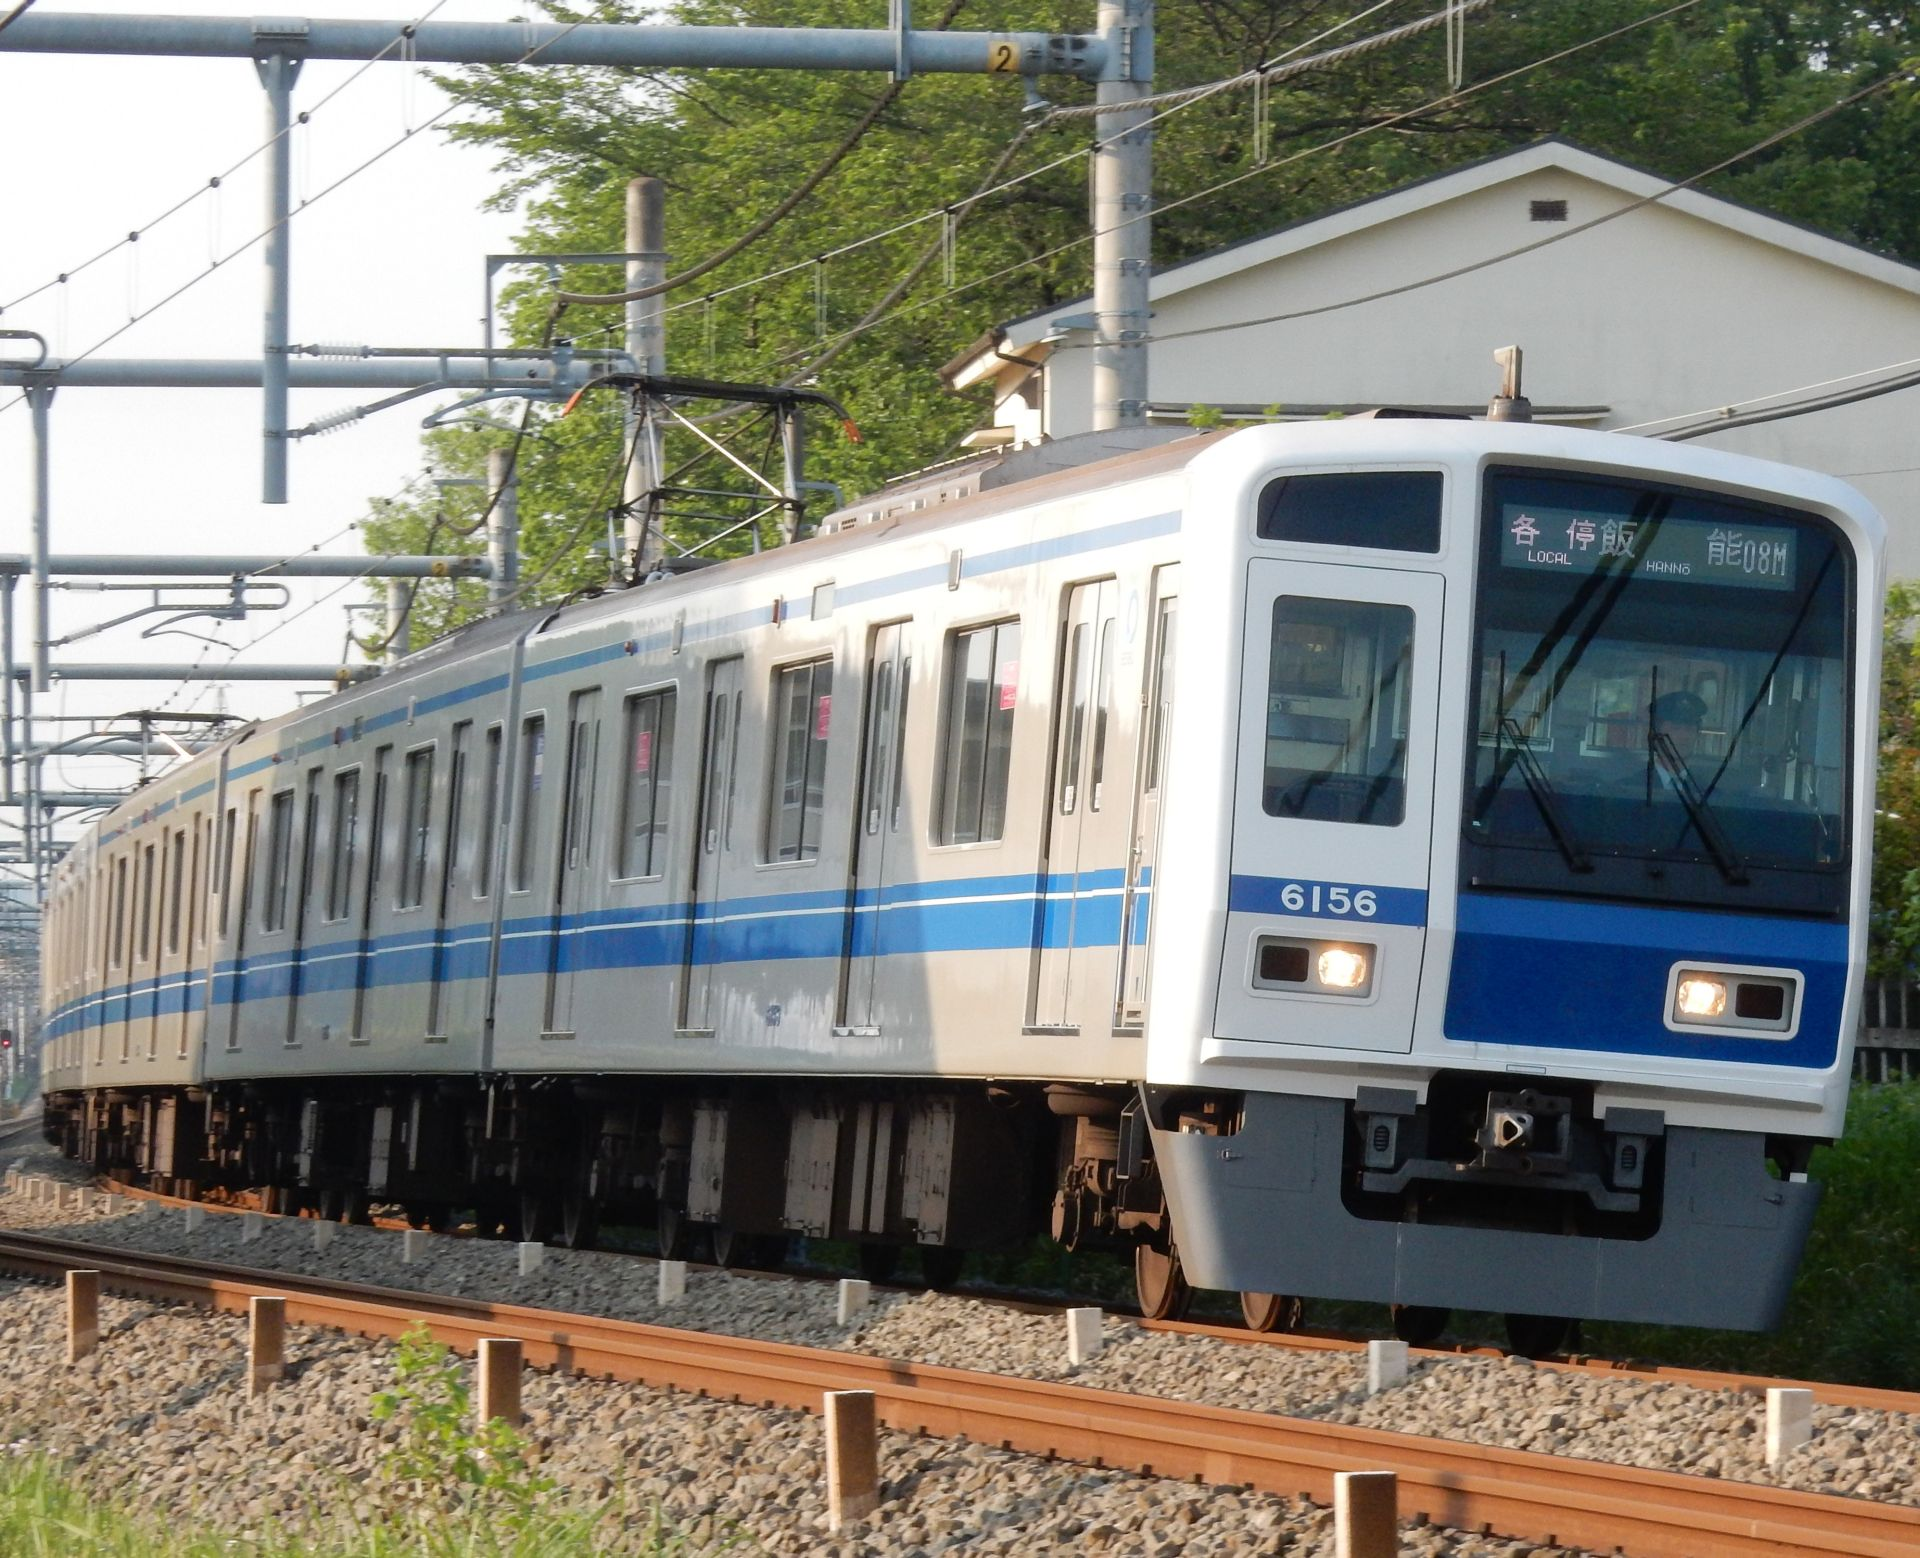 DSCN8608 - コピー